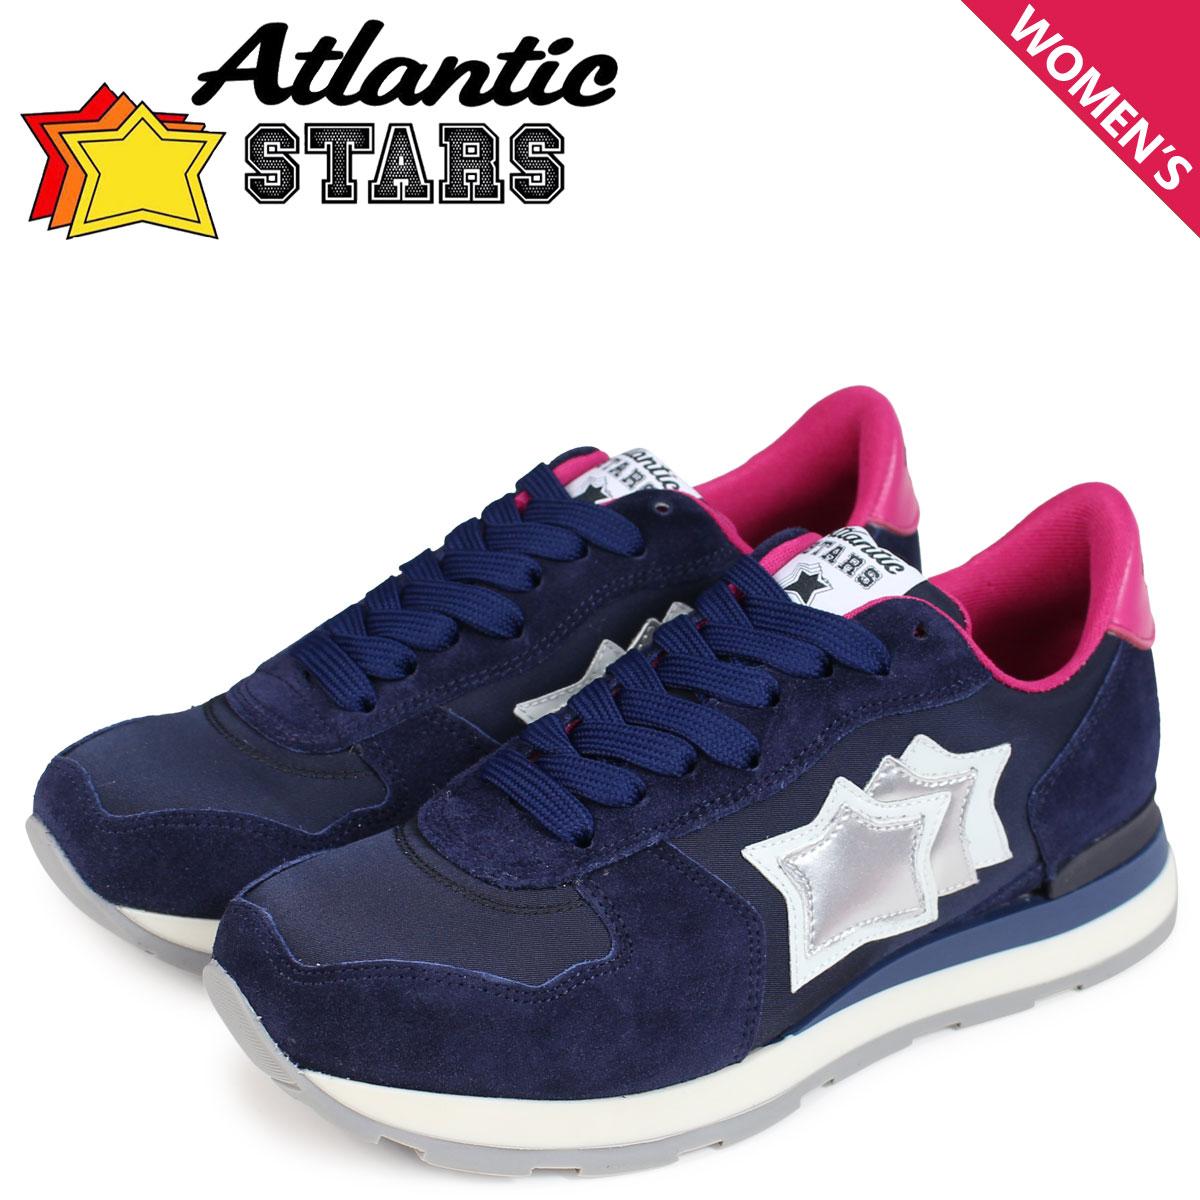 【最大2000円OFFクーポン配布】 Atlantic STARS レディース スニーカー アトランティックスターズ ベガ VEGA NWF-09NY ネイビー